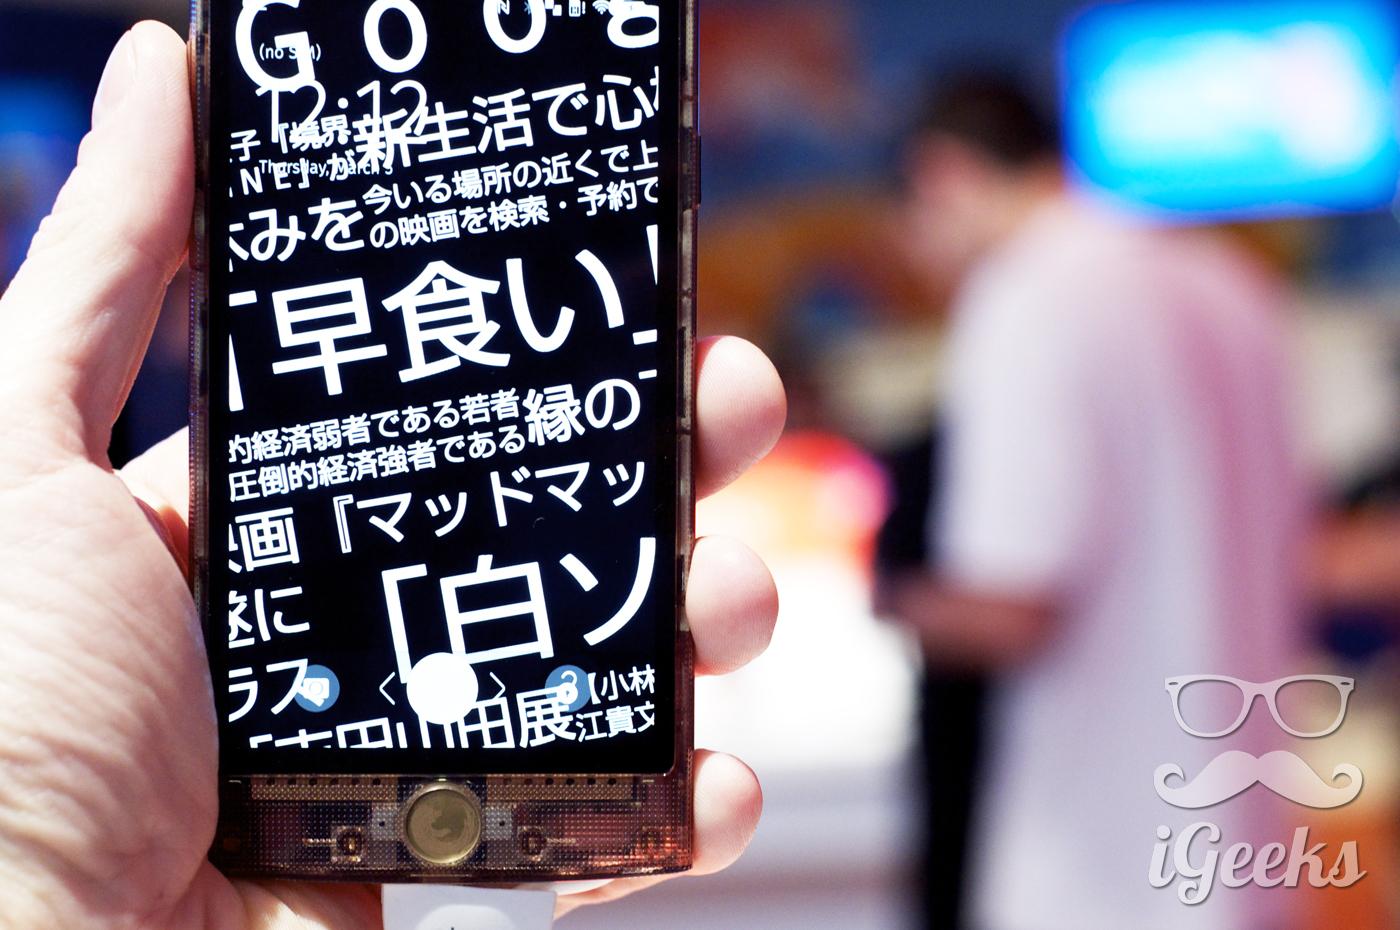 LG-Fx0-MWC2015-16